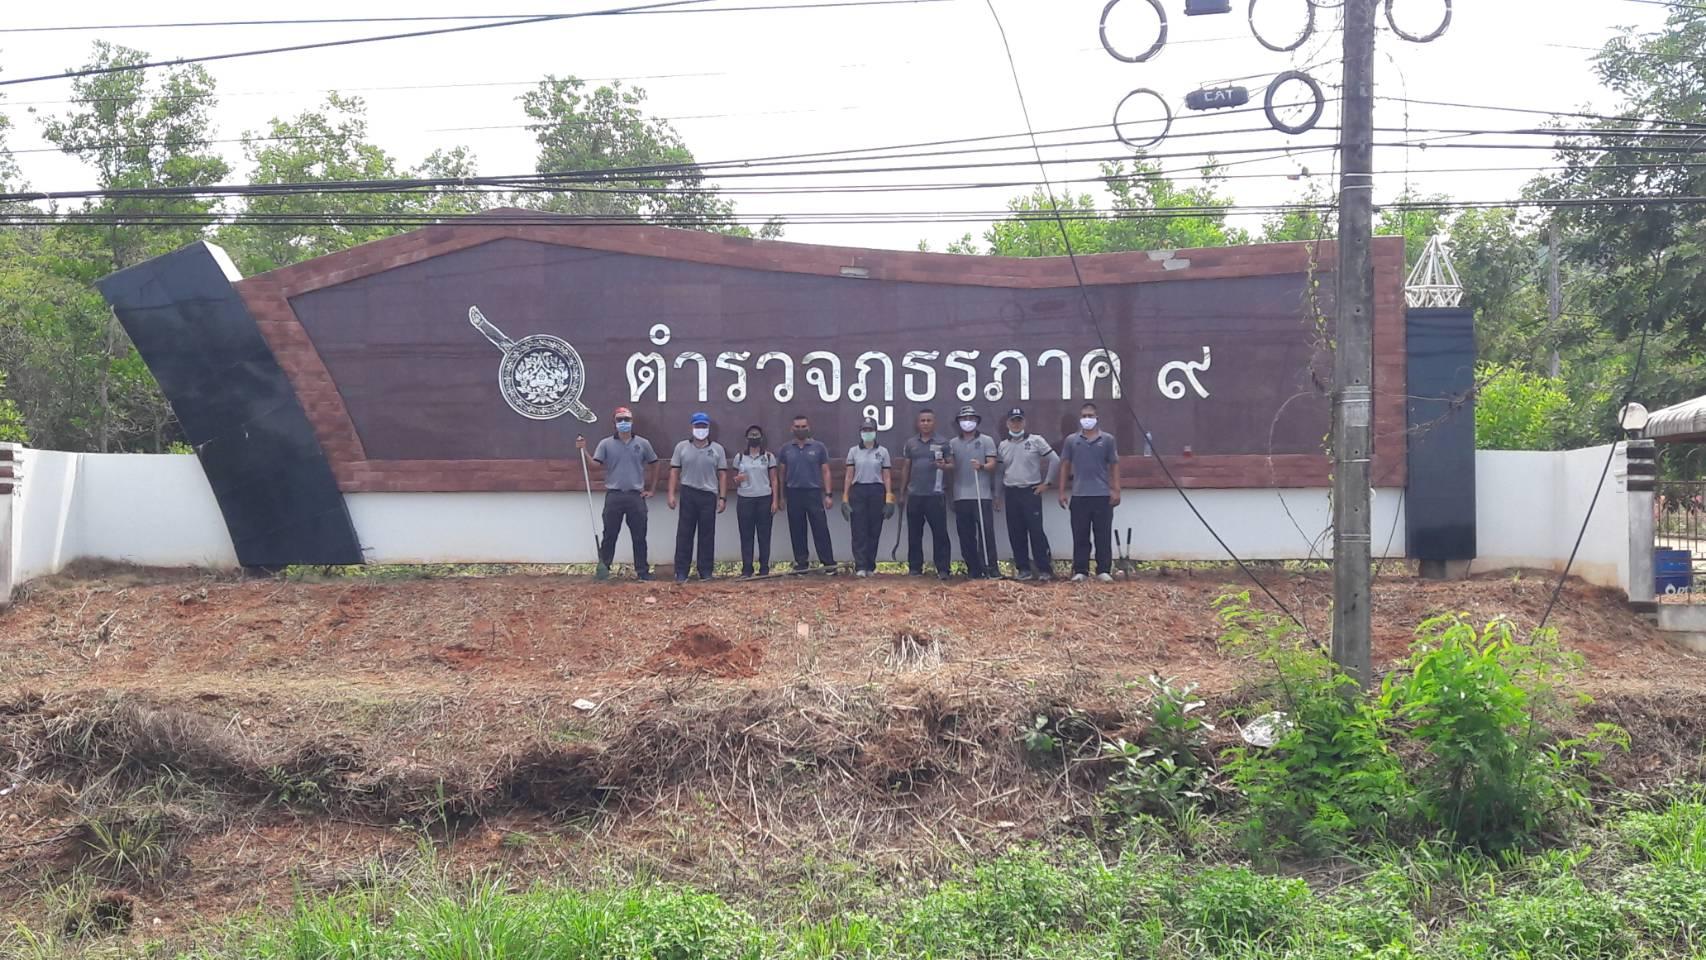 กลุ่มตัวแทนข้าราชการตำรวจ ร่วมพัฒนาตัดแต่งกิ่งไม้หน้าที่ทำการ ภ.๙ (แห่งใหม่)